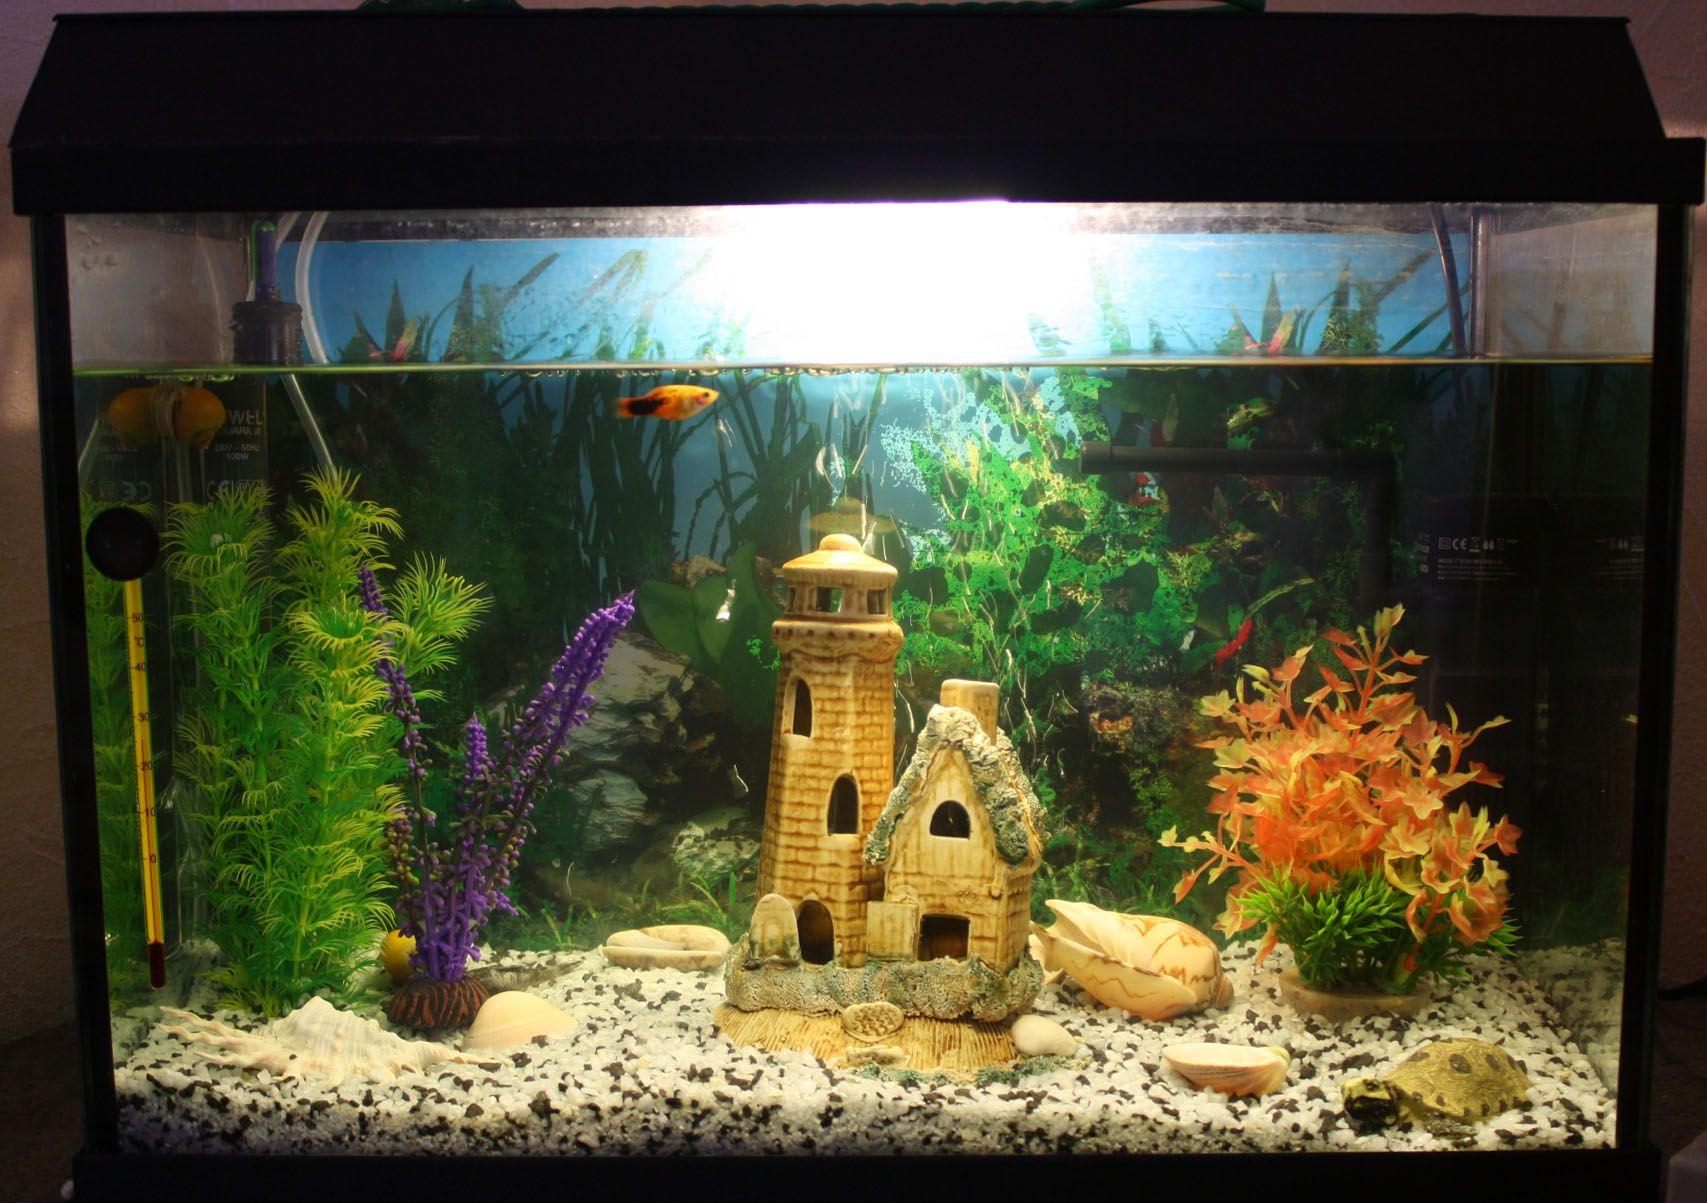 Akvarium 20 Tys Izobrazhenij Najdeno V Yandeks Kartinkah Akvarium Kartinki